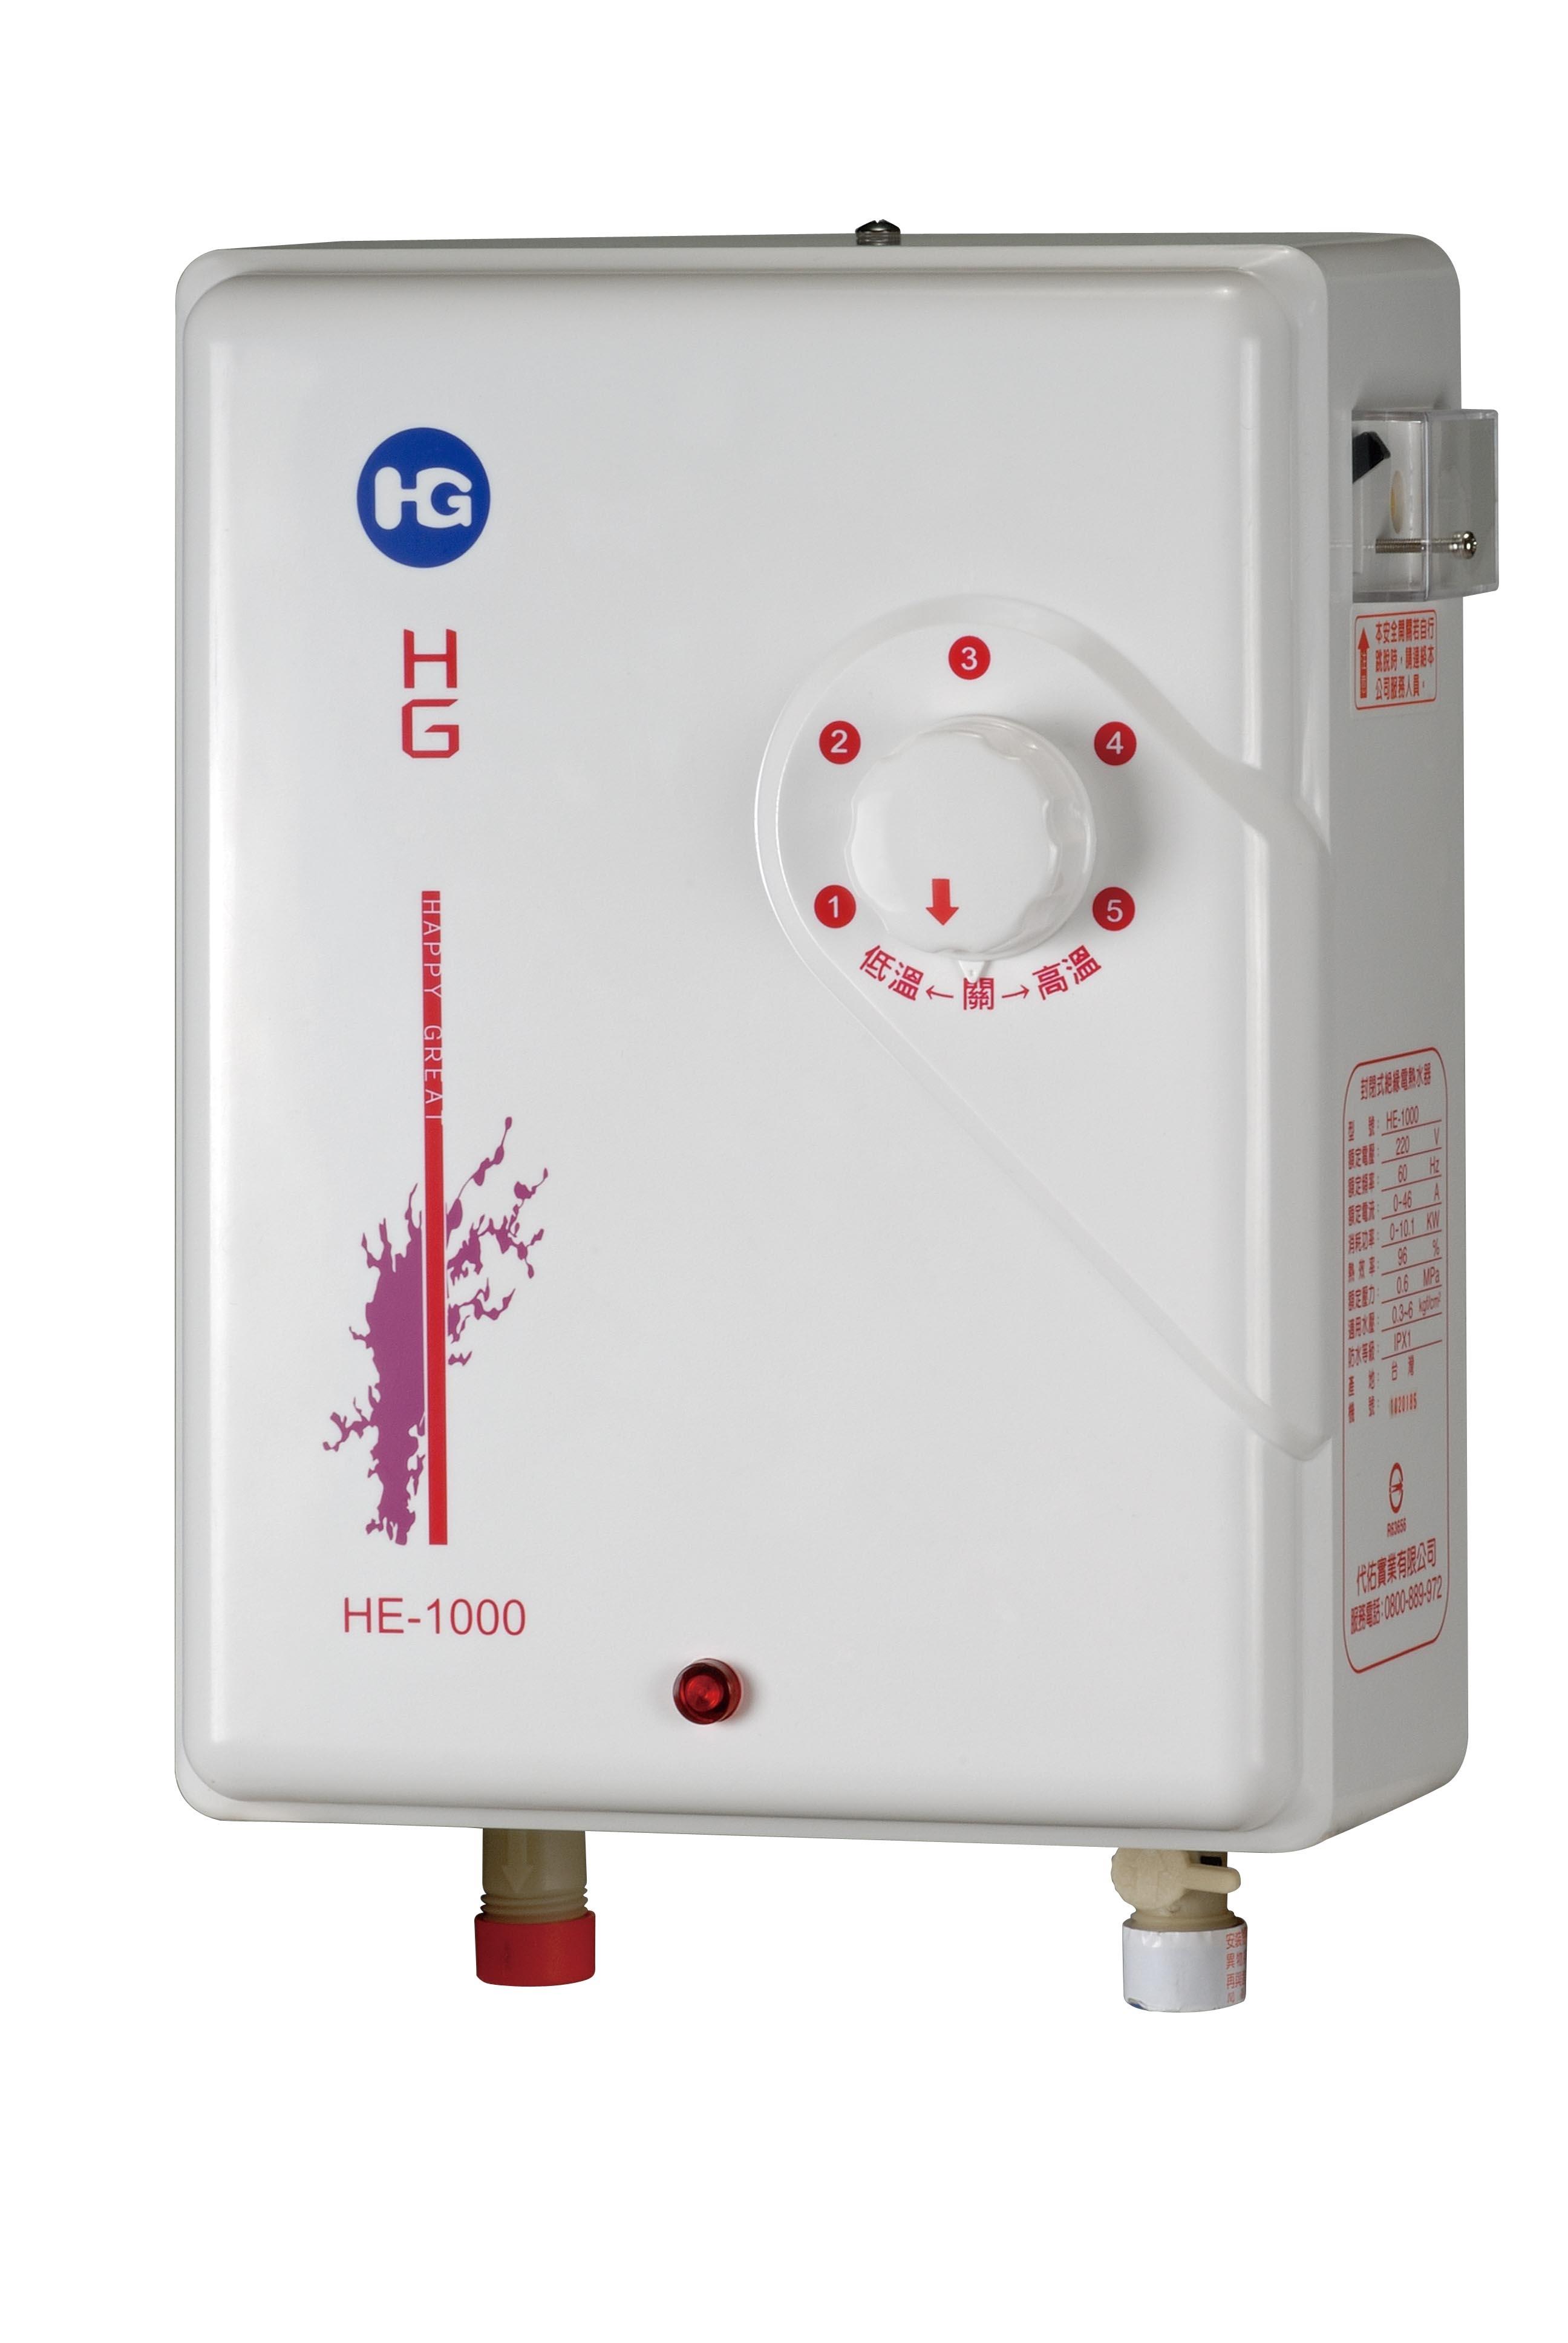 HE-1000即熱式瞬間電能熱水器